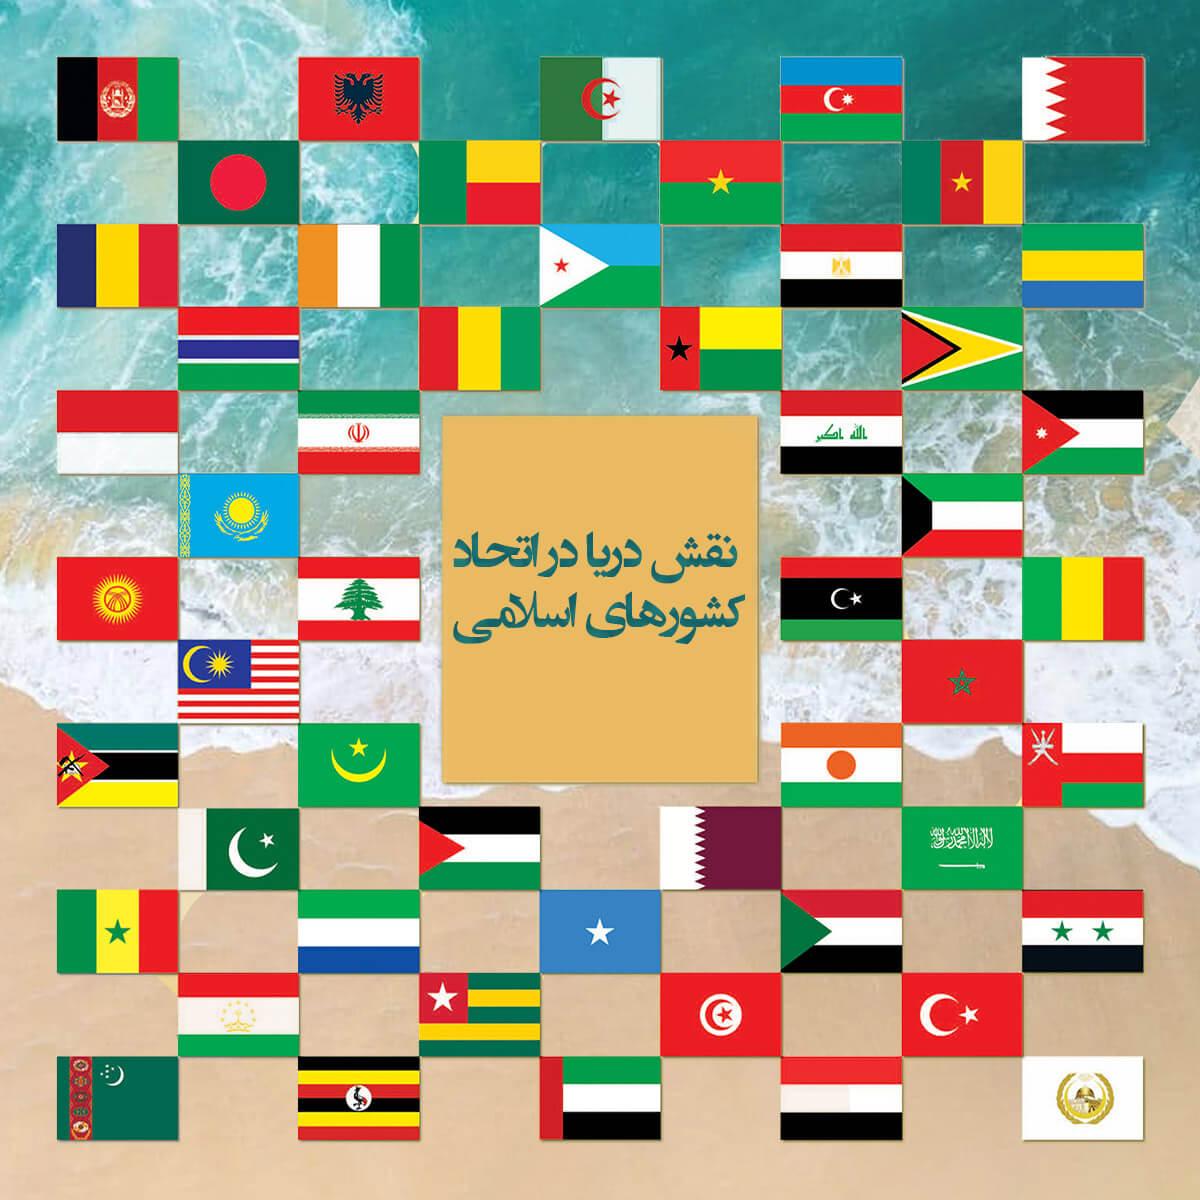 نقش دريا در اتحاد كشورهای اسلامی